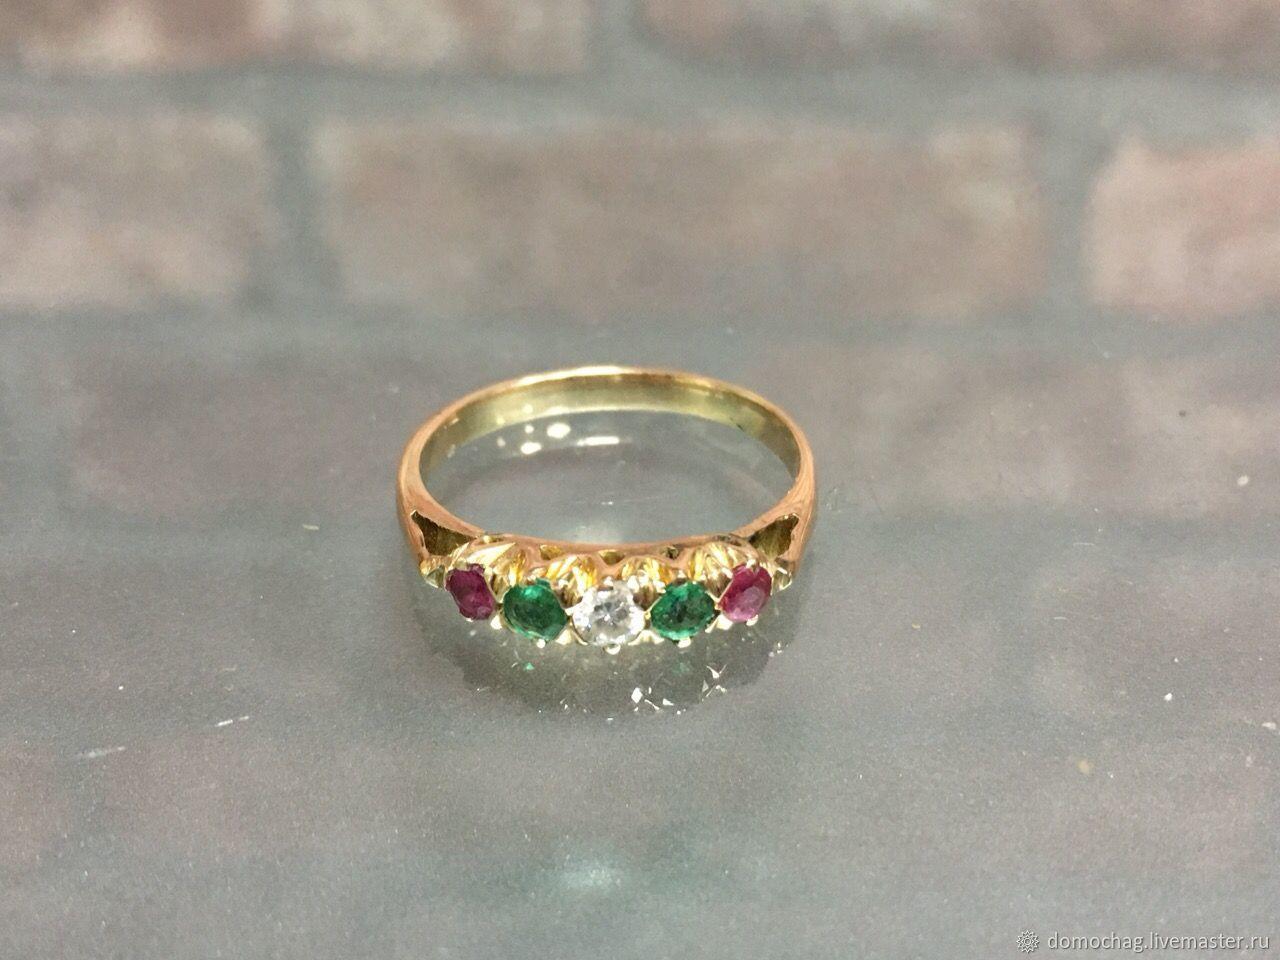 Золотое кольцо с бриллиантом,изумрудами,рубинами, Кольца, Москва,  Фото №1